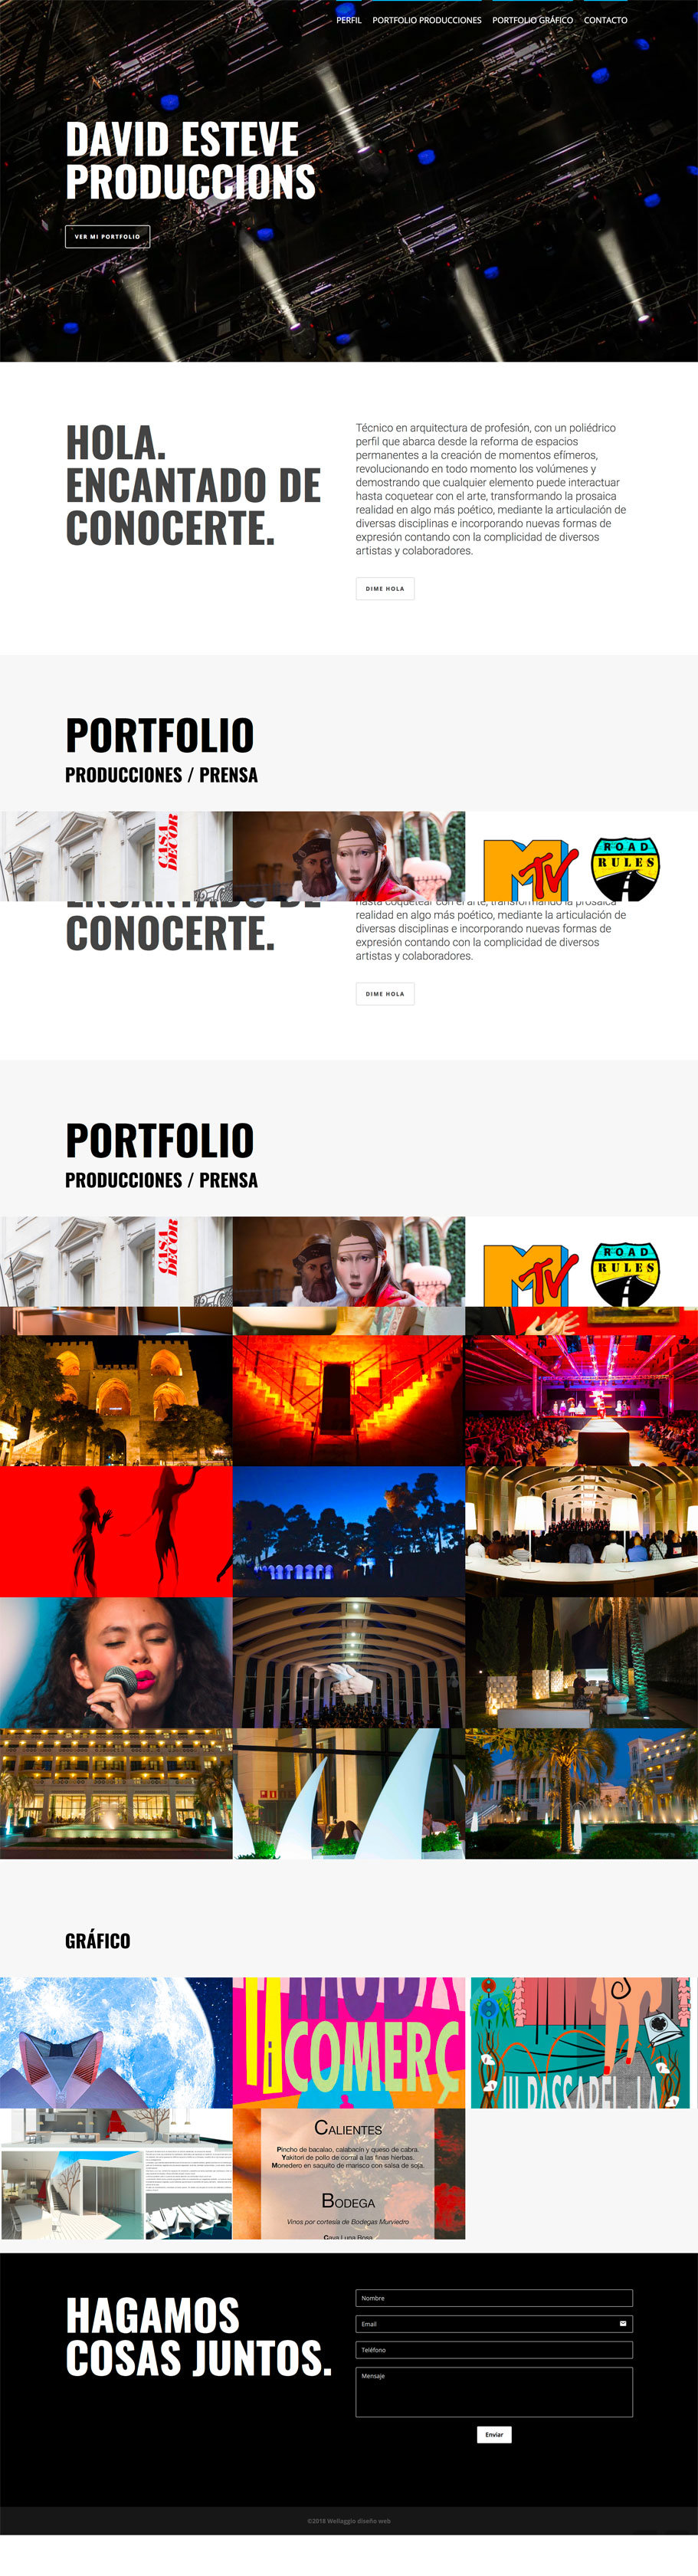 proyectos-wellaggio-pagina-web-david-esteve-produccions